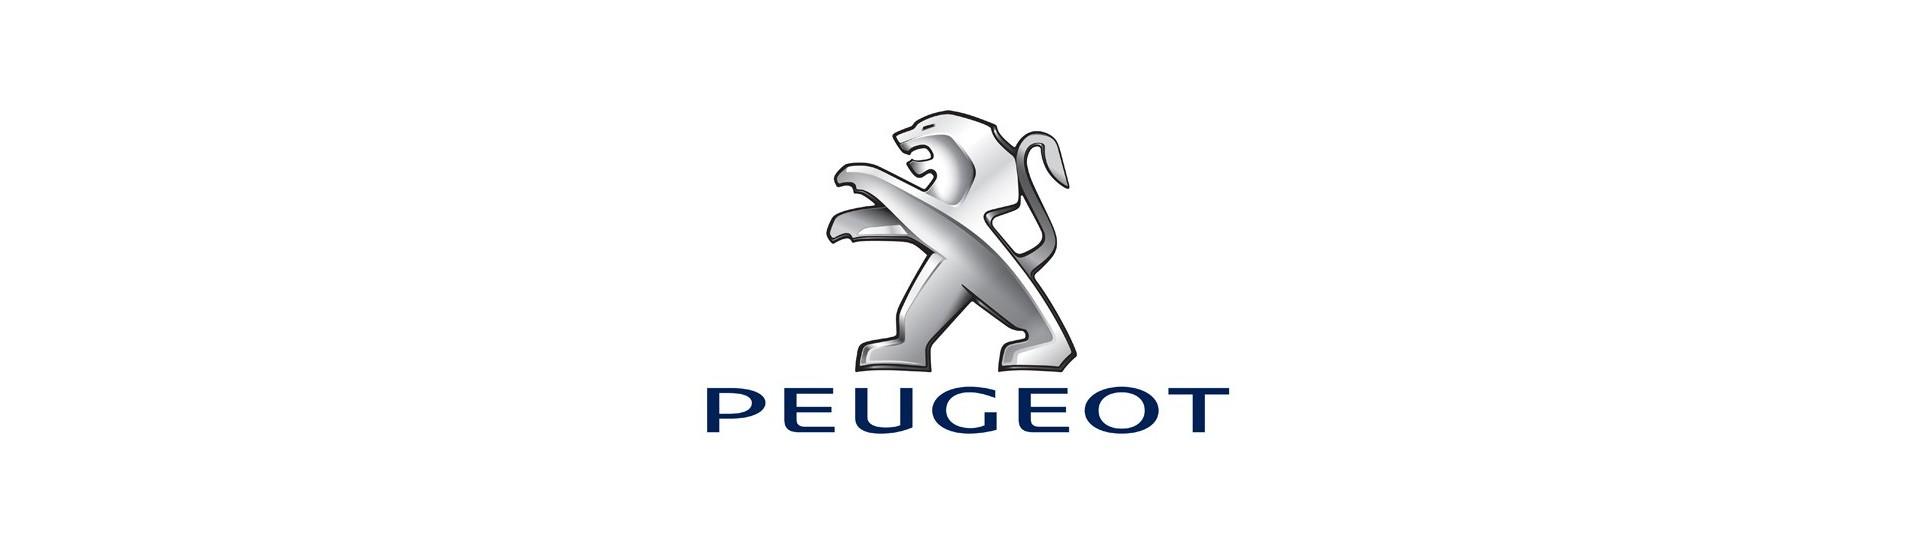 Peugeot zadné nápravy